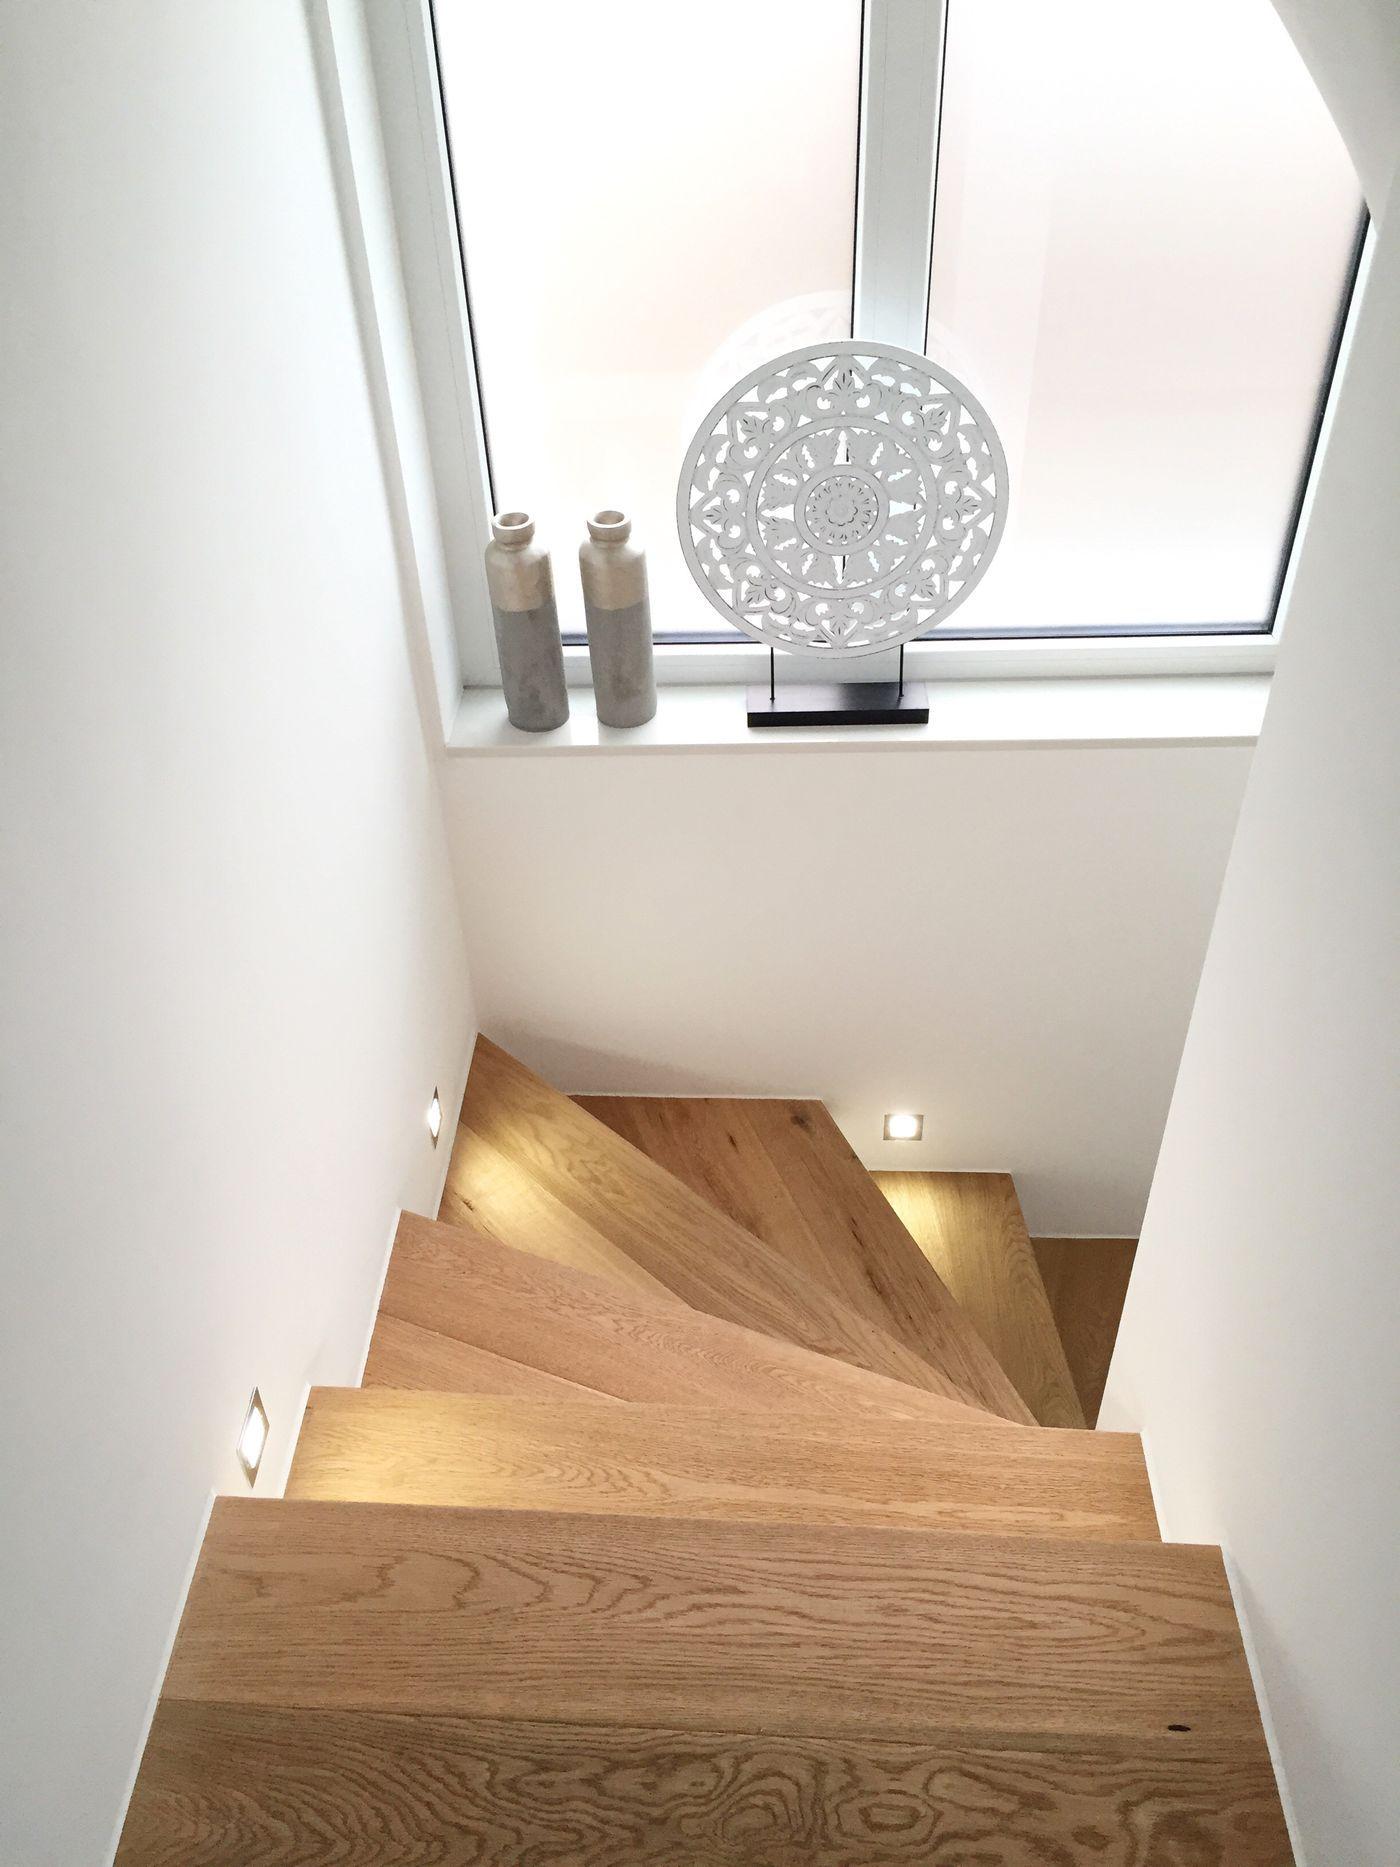 die sch nsten dekoideen f r den flur seite 4. Black Bedroom Furniture Sets. Home Design Ideas